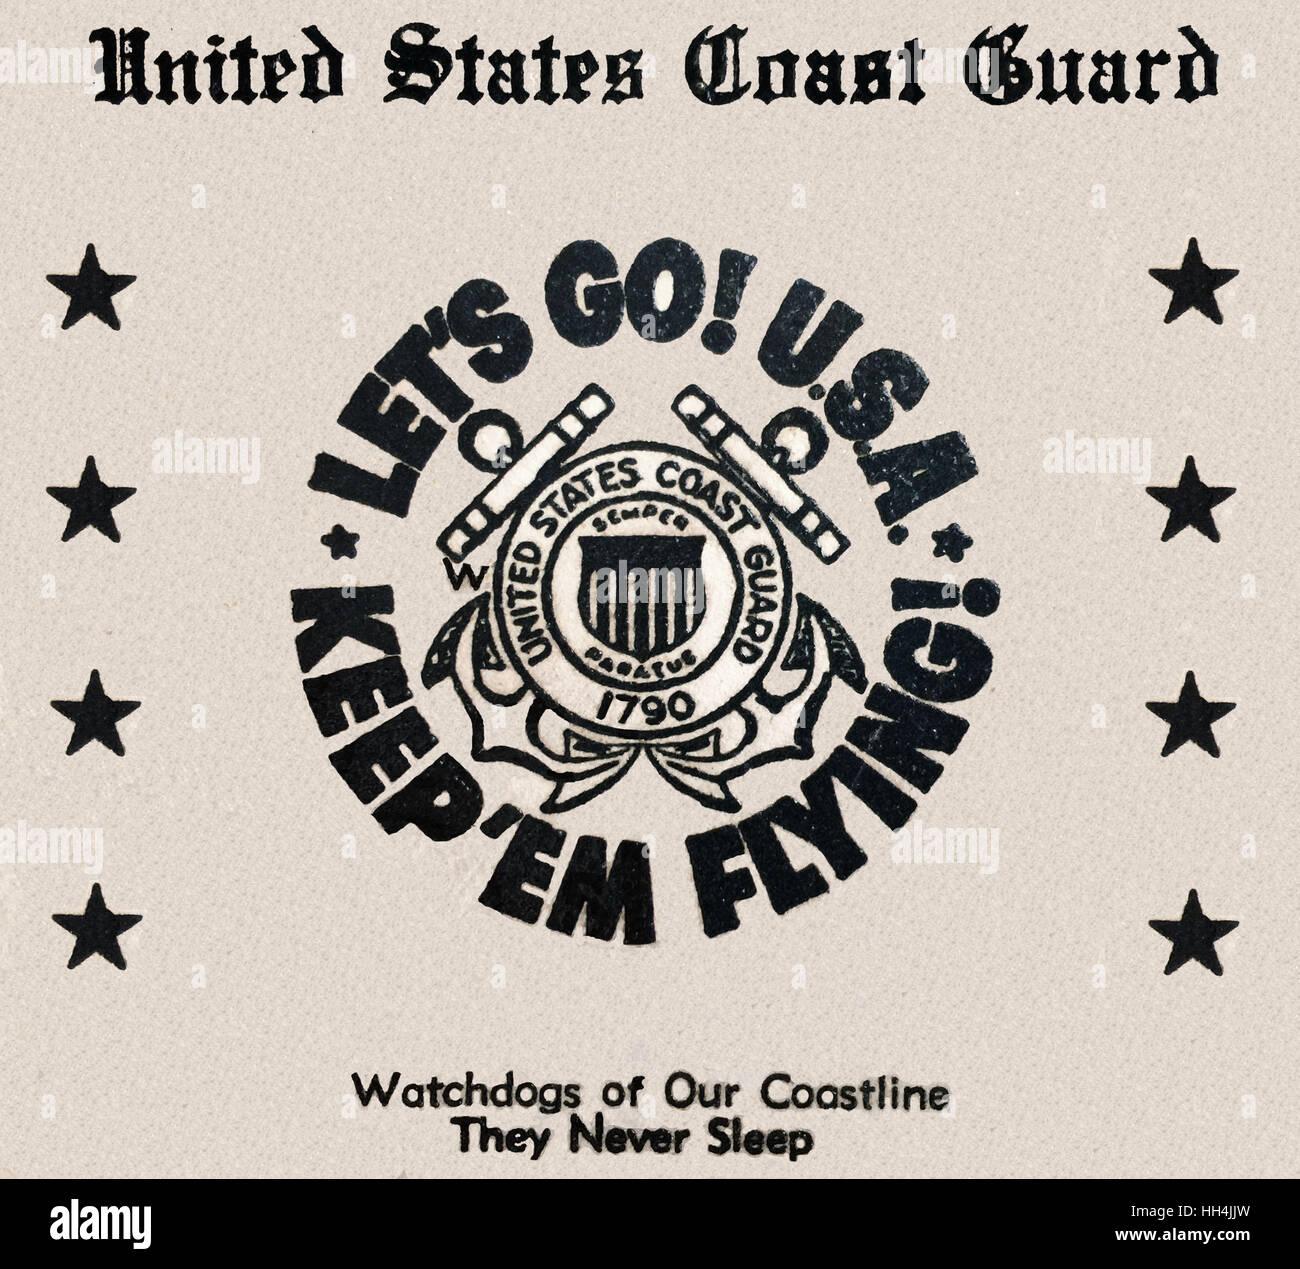 WW2 - Let's Go! USA - Keep 'em Flying! - US Coastguard - Stock Image